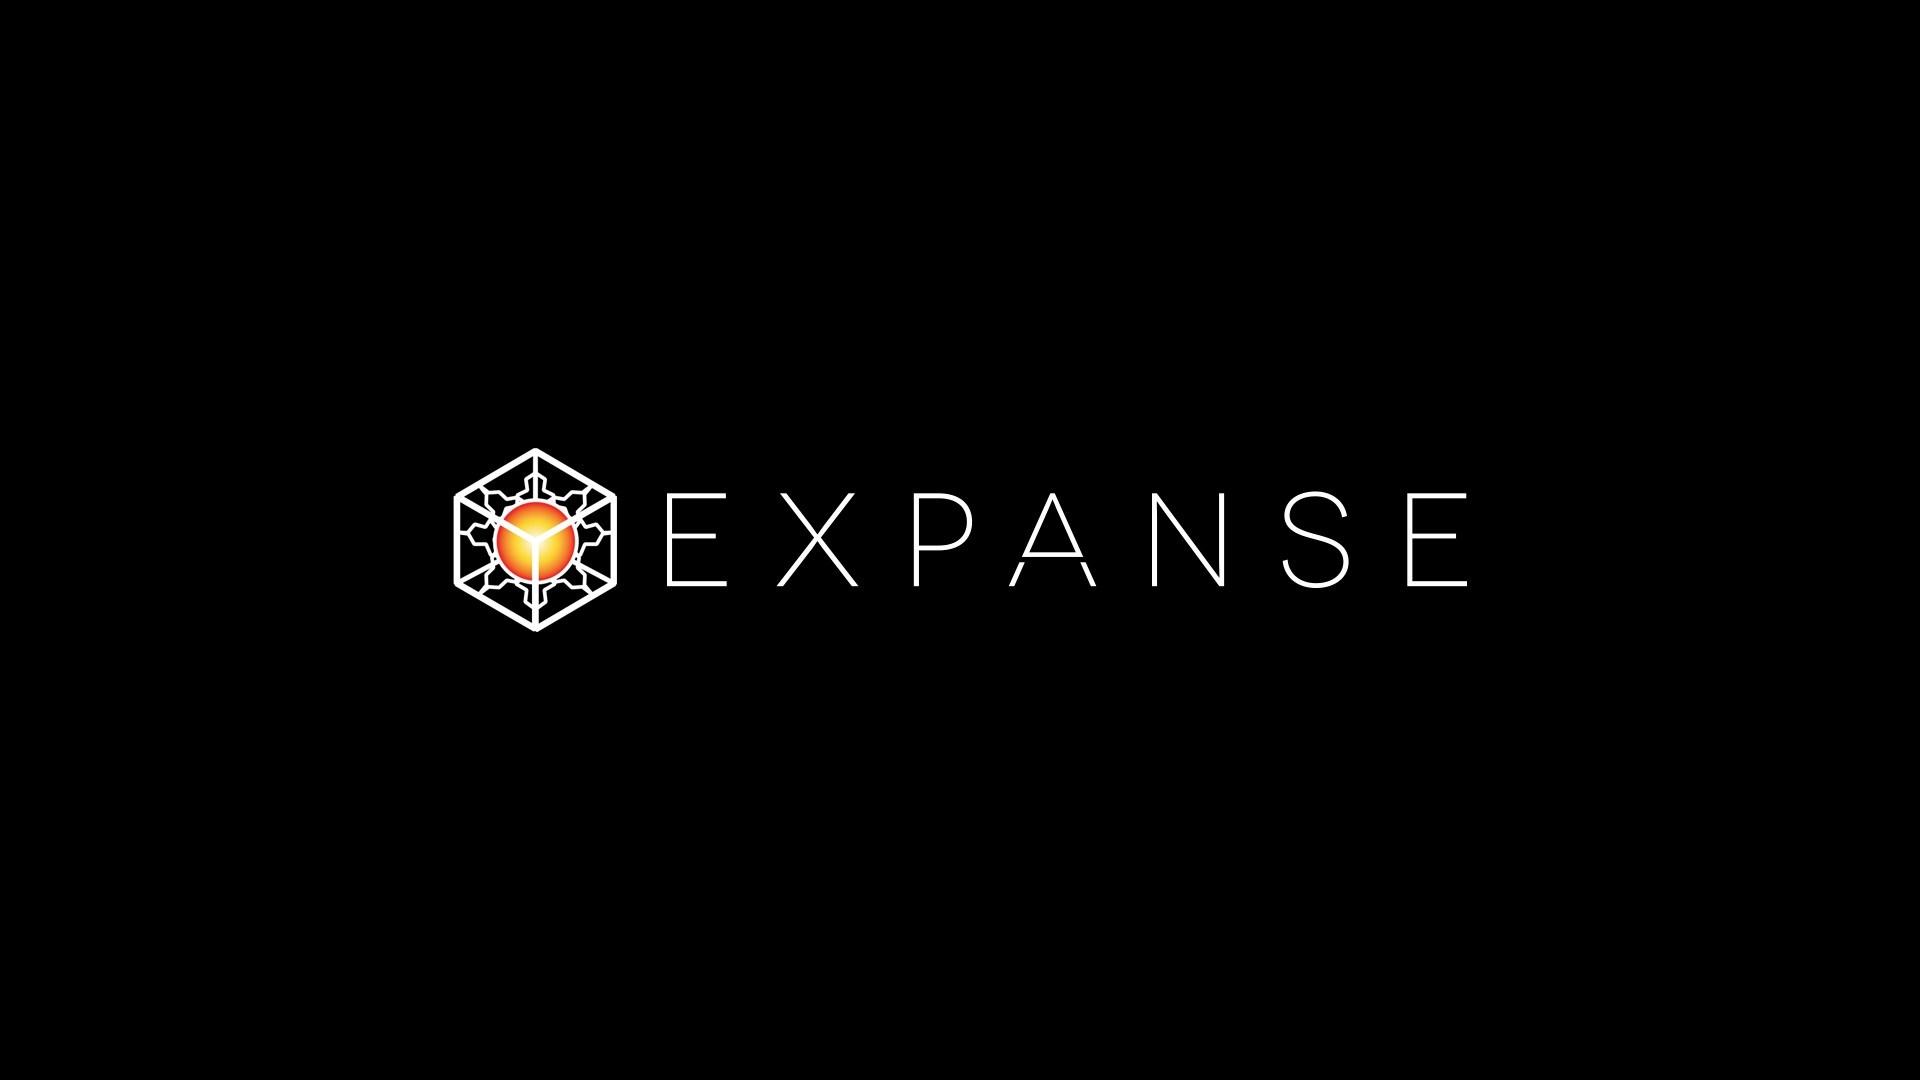 Expanse(エクスパンセ)